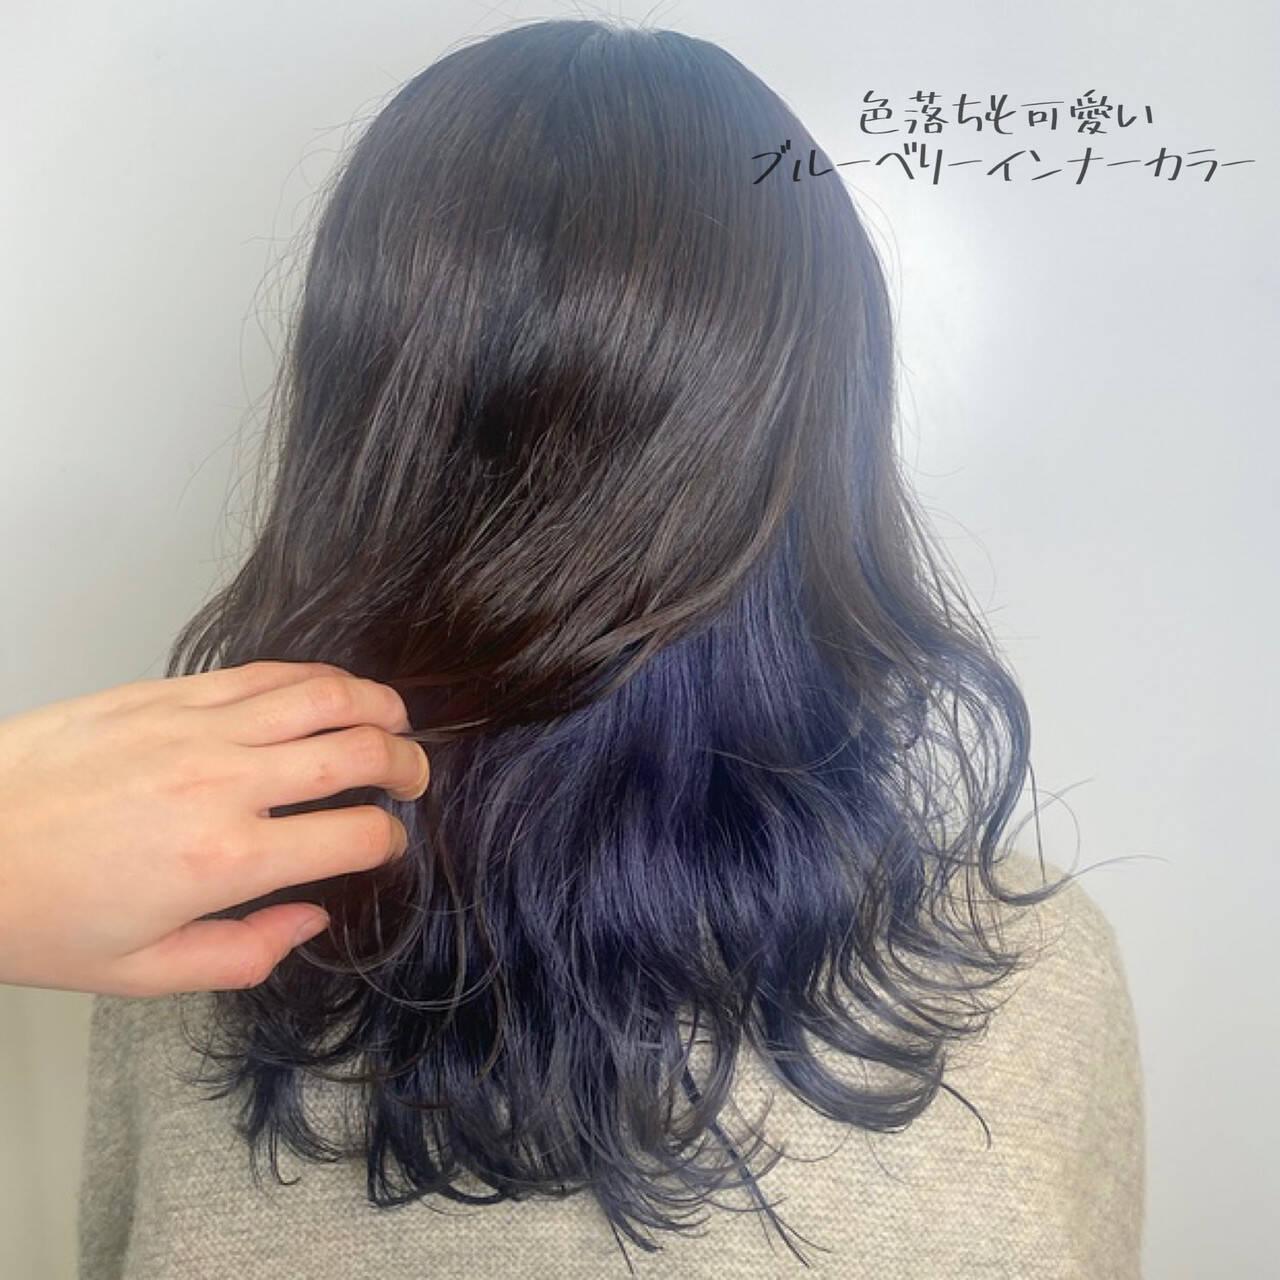 ダブルカラー ブリーチ必須 派手髪 ブルーラベンダーヘアスタイルや髪型の写真・画像